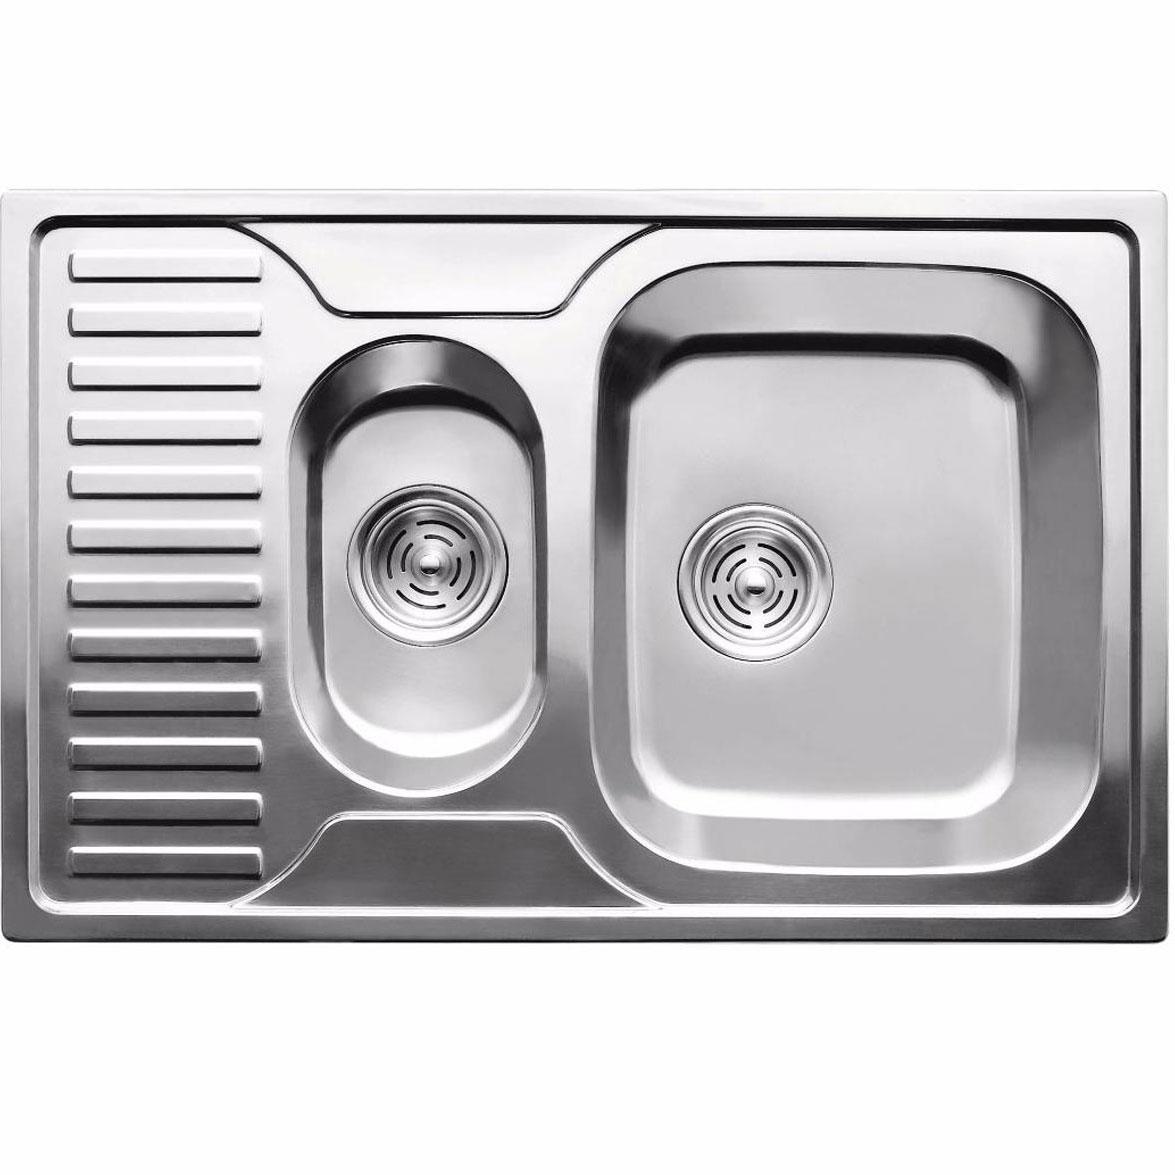 Кухонная мойка из нержавеющей стали ULA 7301 ZS satin